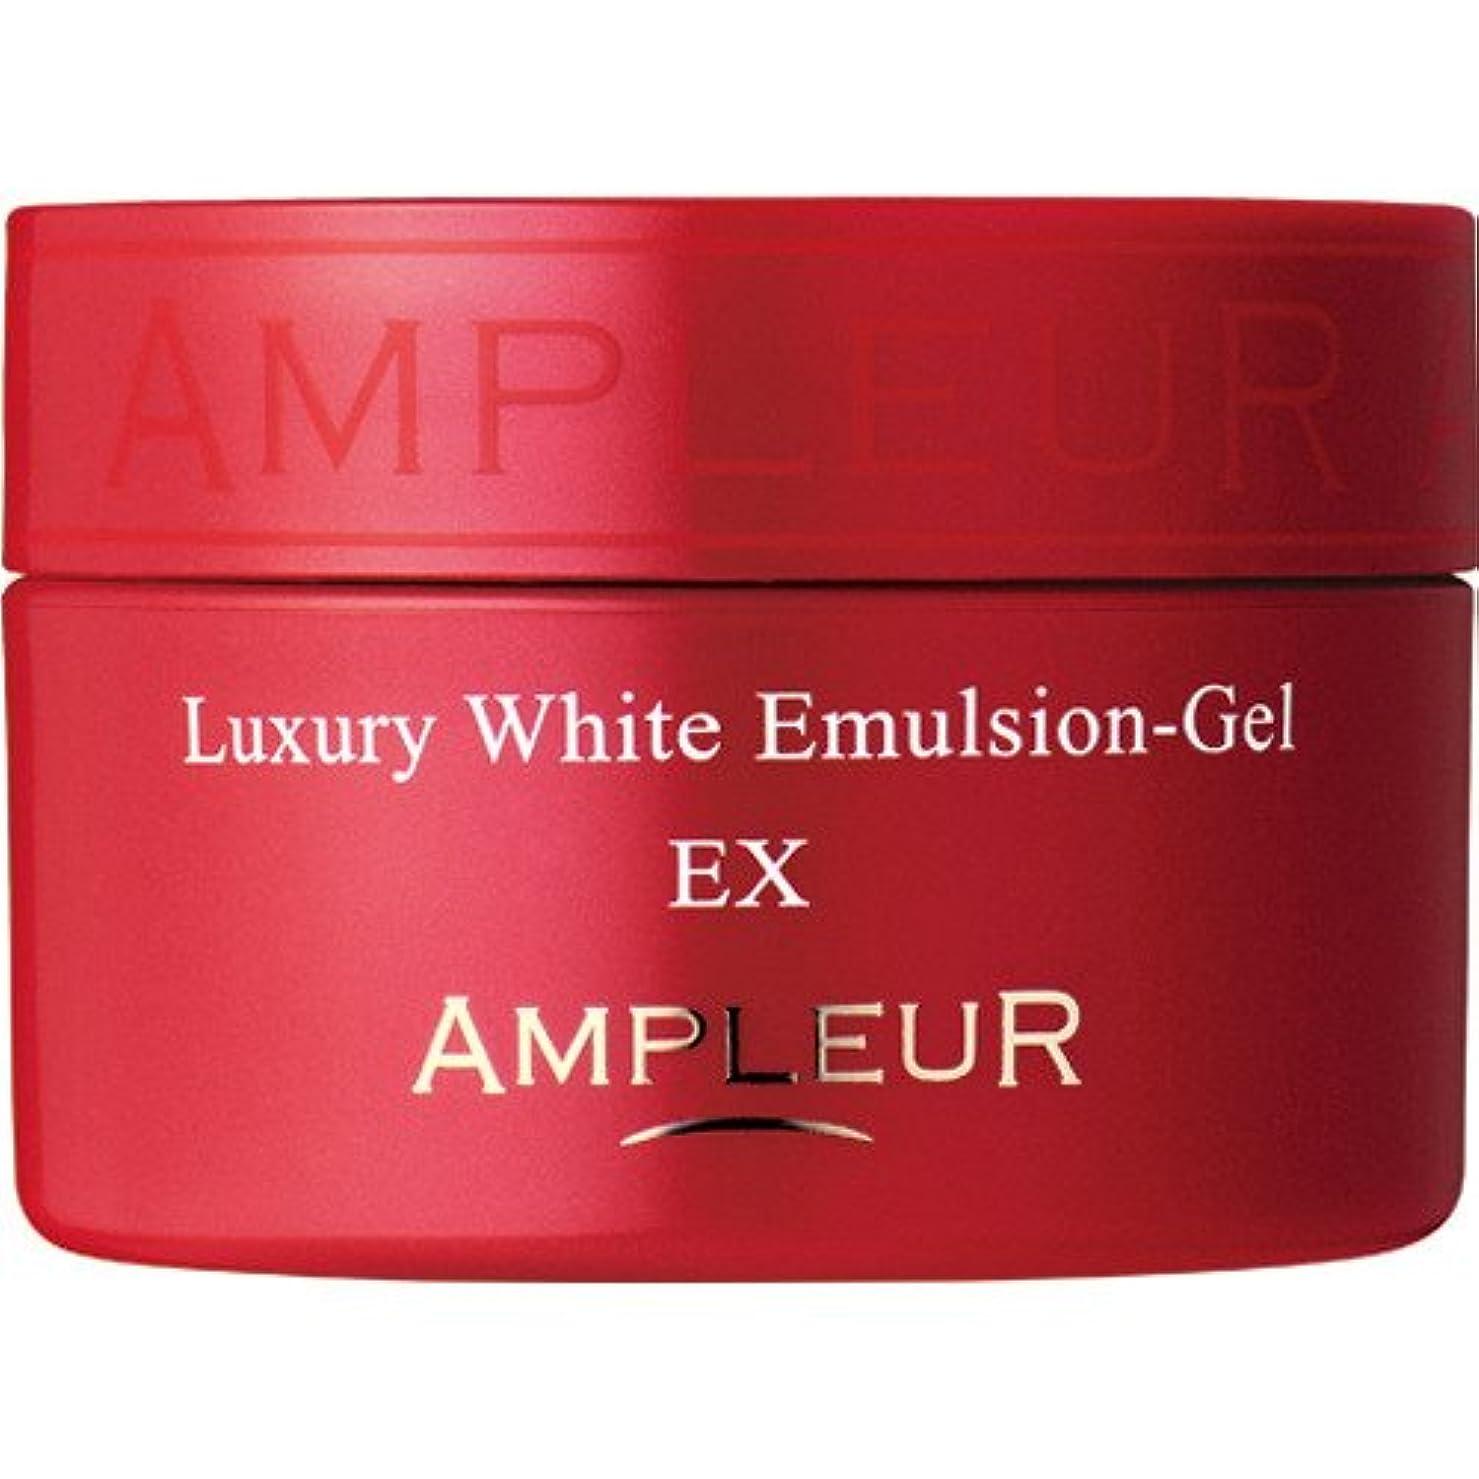 居眠りする入力地域AMPLEUR(アンプルール) ラグジュアリーホワイト エマルジョンゲルEX 50g